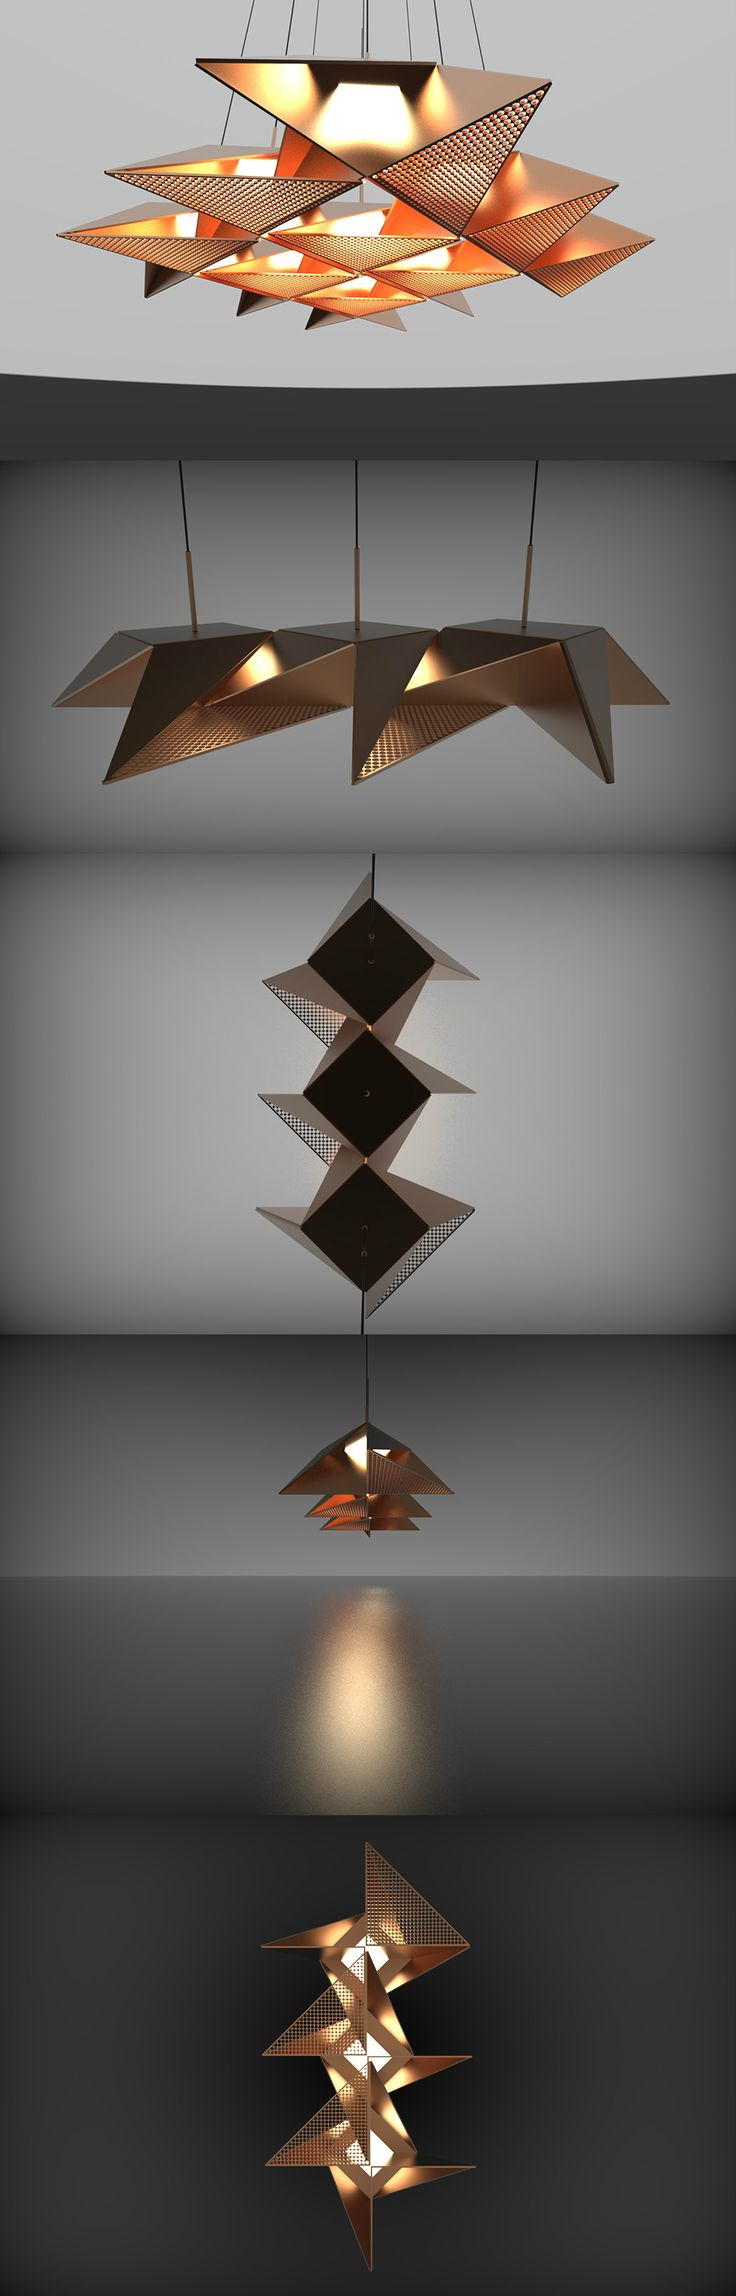 ORIGAMI OBSESSION... Read more at Yanko Design